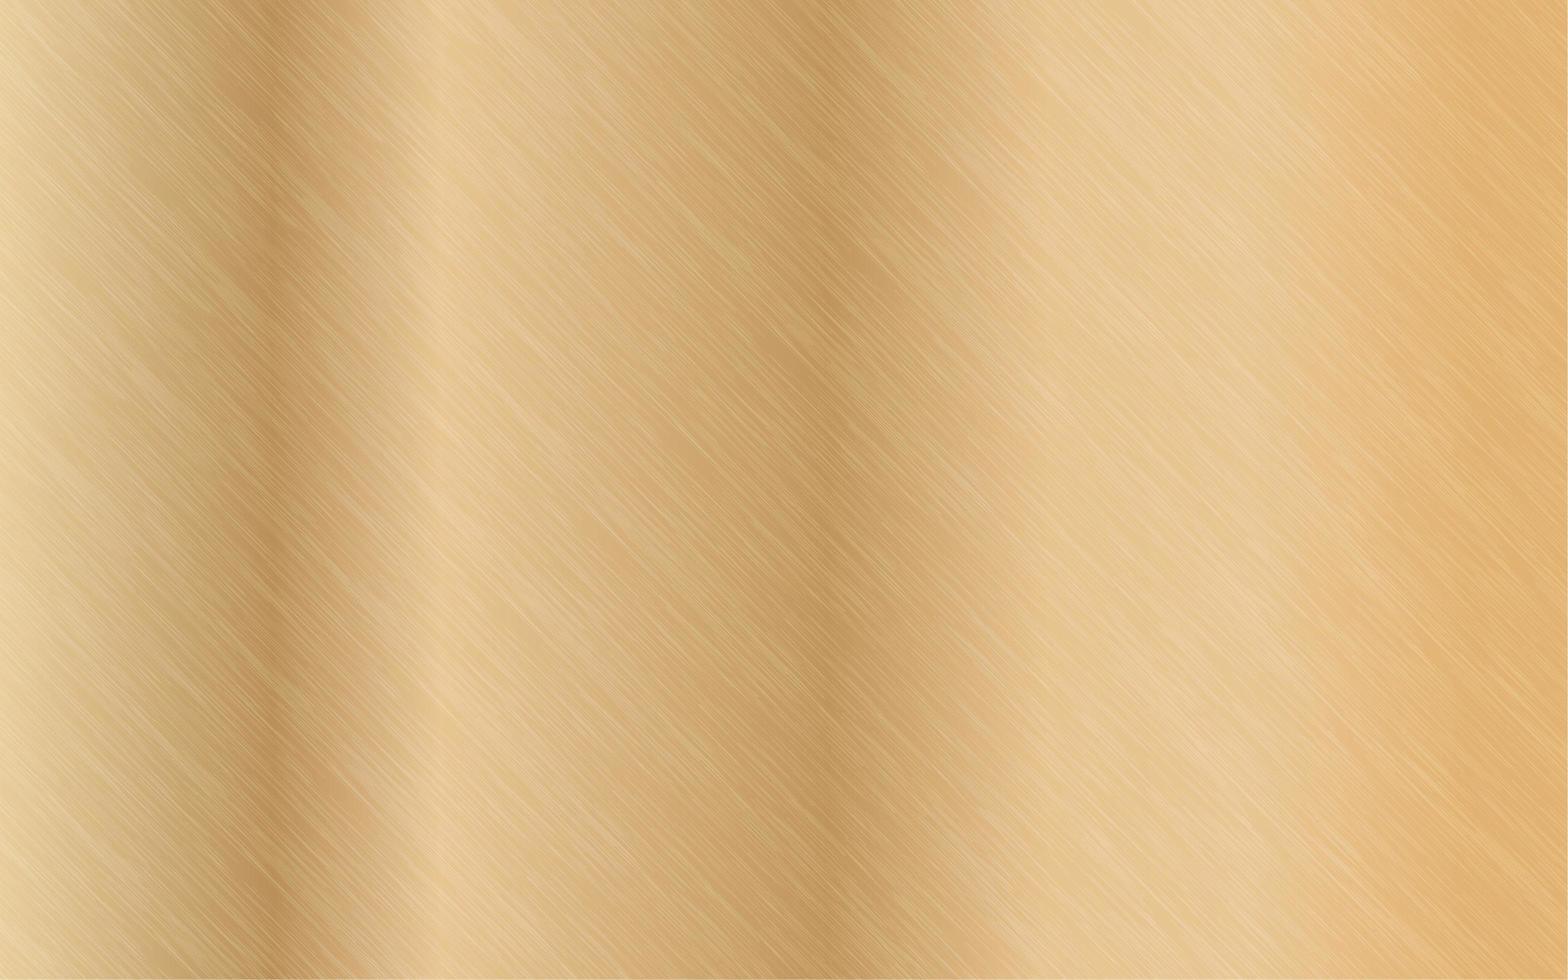 gouden metalen textuur vector